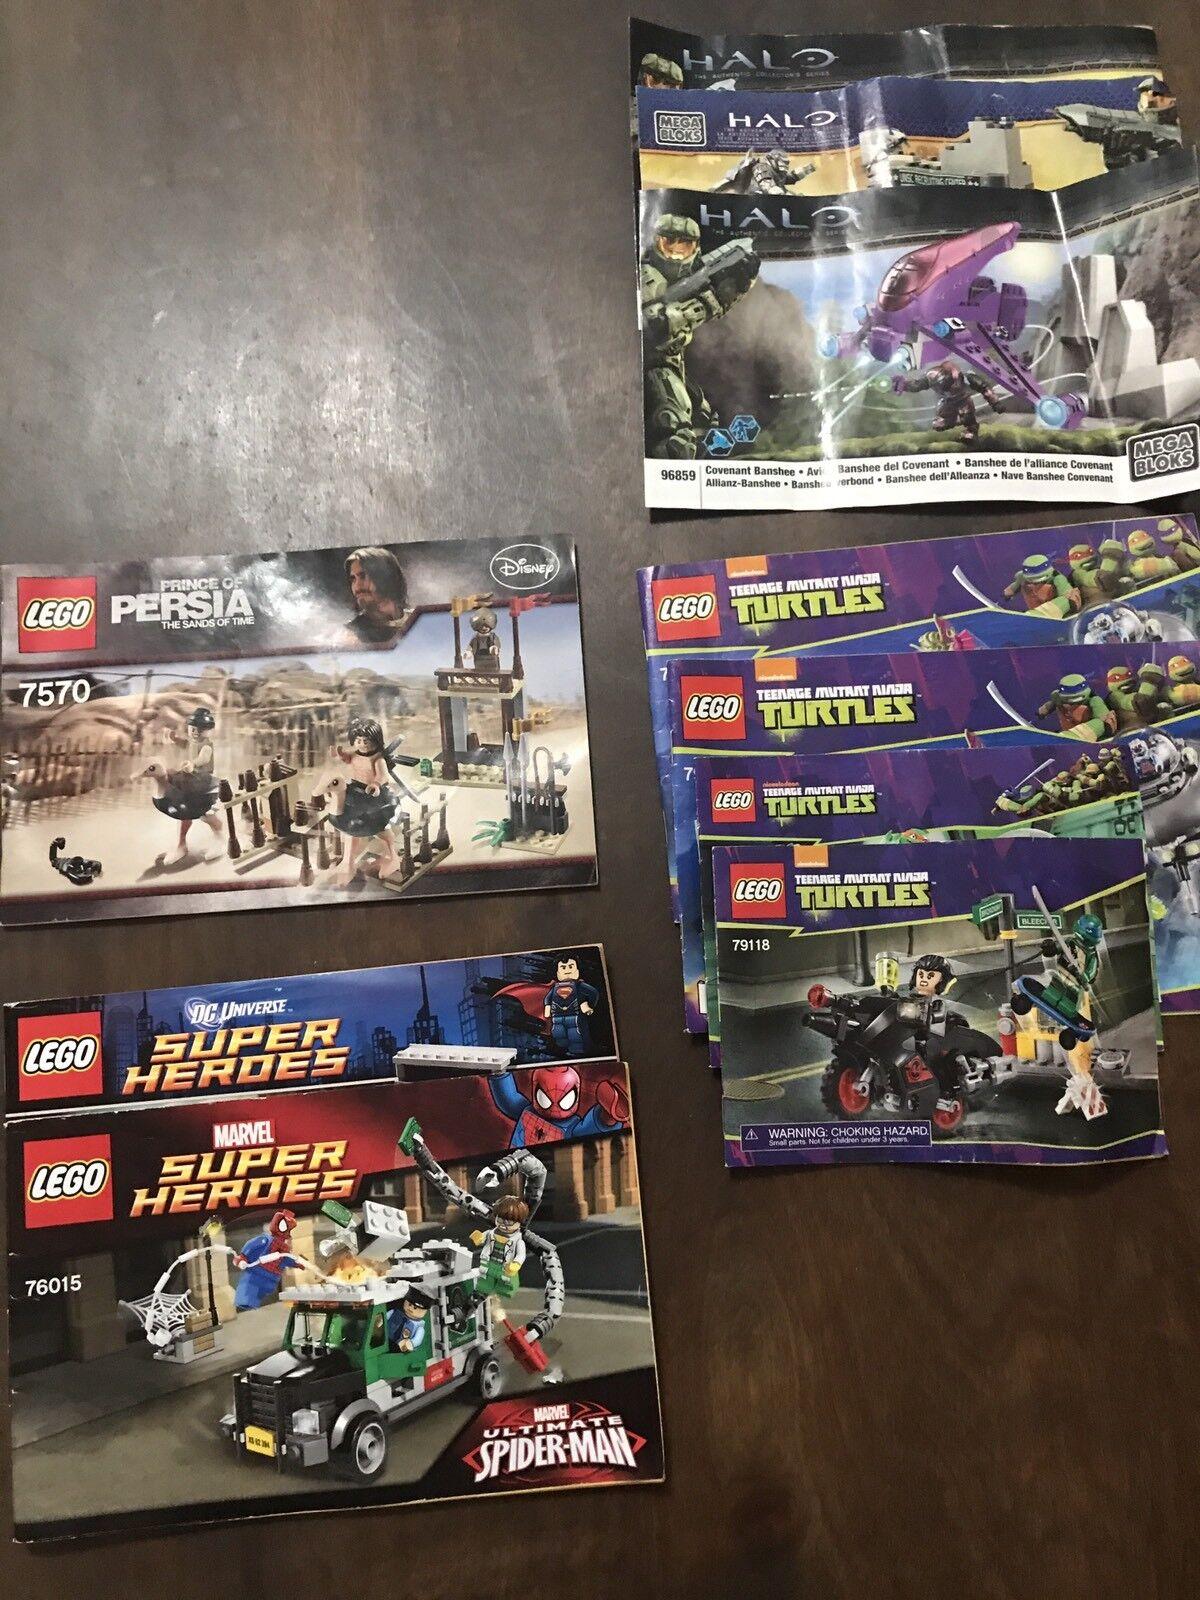 LEGO costruzione  sets estrella guerras Indiana Jones TMNT mini cifras sold separately  Spedizione gratuita per tutti gli ordini